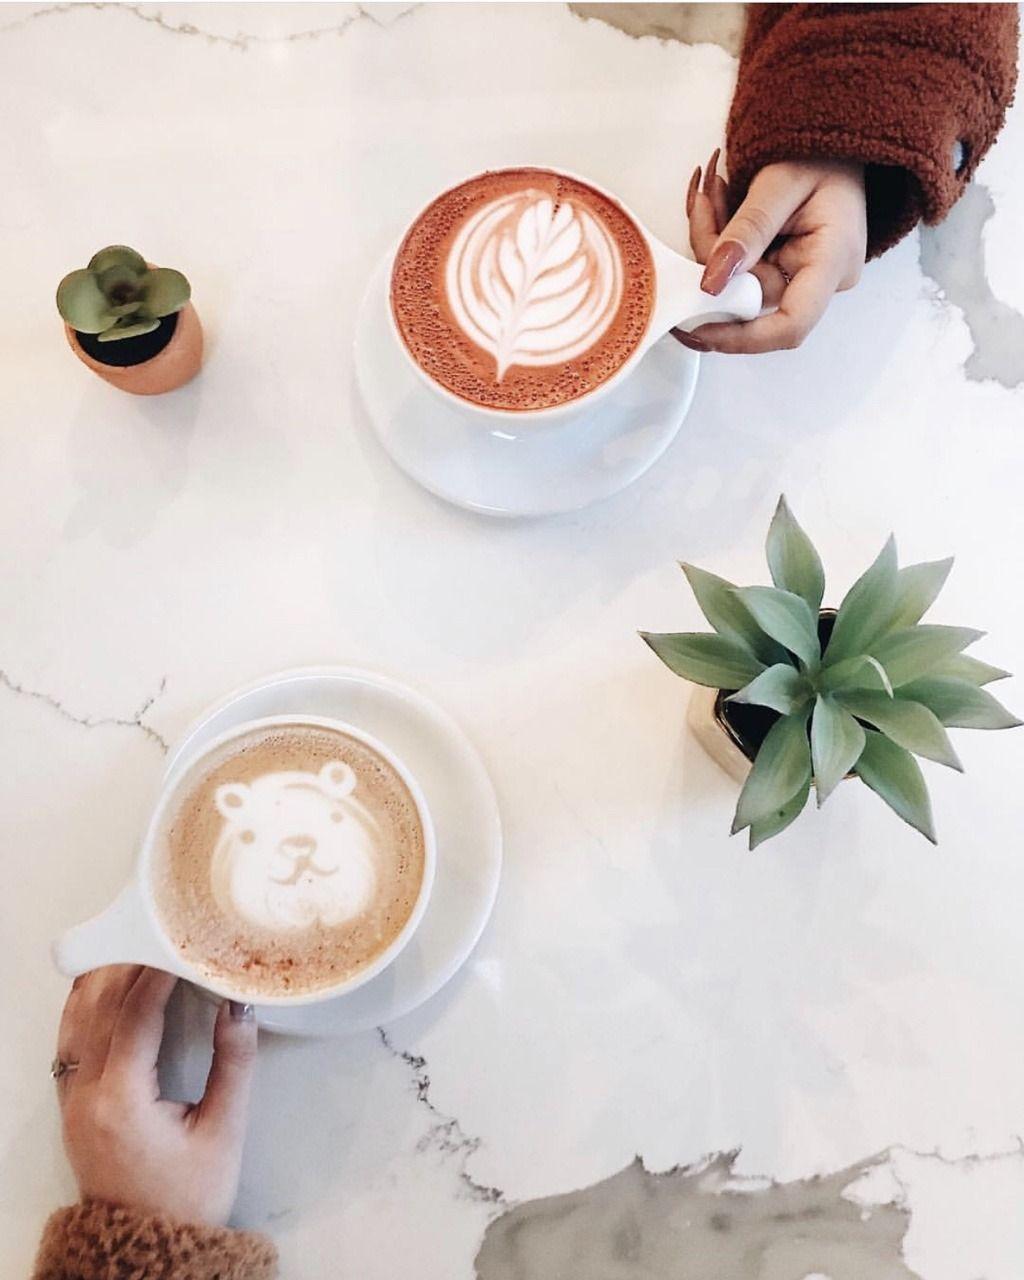 𝙿𝚒𝚗𝚝𝚎𝚛𝚎𝚜𝚝 𝚜𝚓𝚗𝟺𝟹𝟸 Coffee Addict Coffee Art Coffee Love